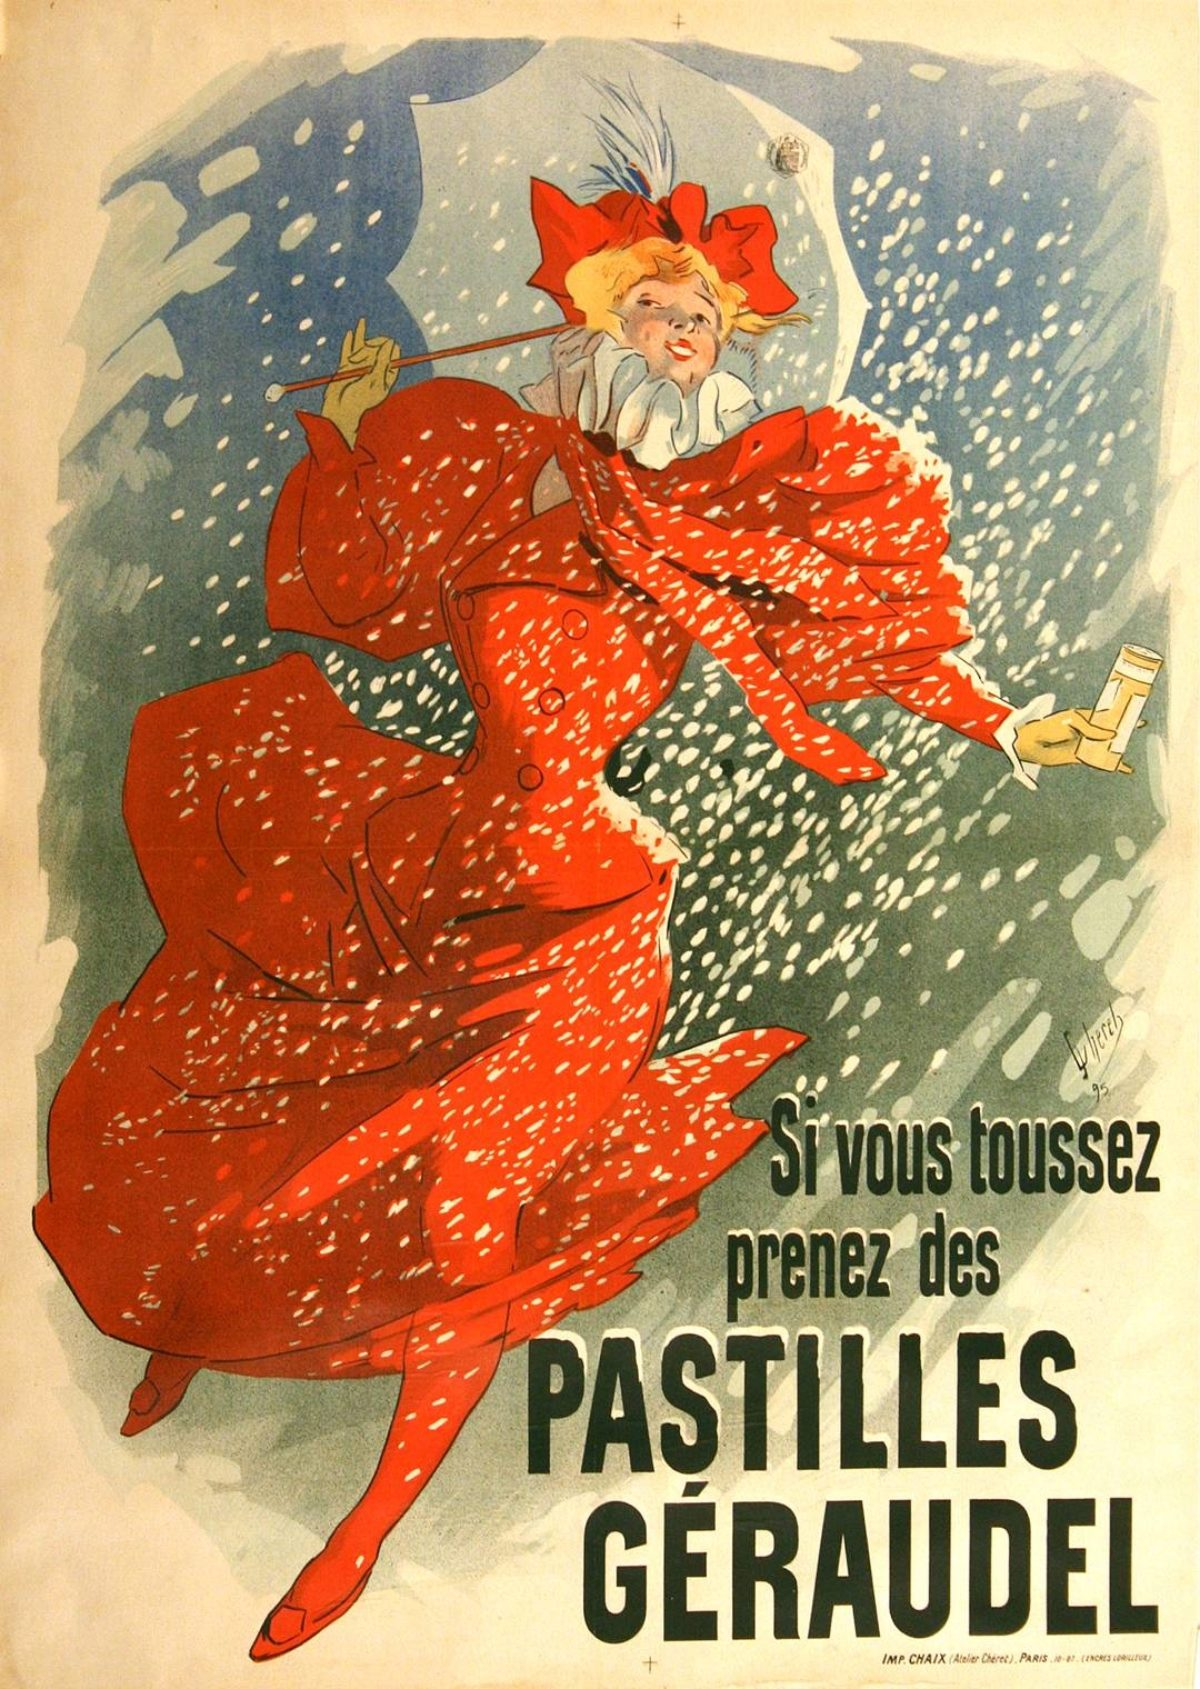 pastilles-géraudel-by-jules-chéret-1895